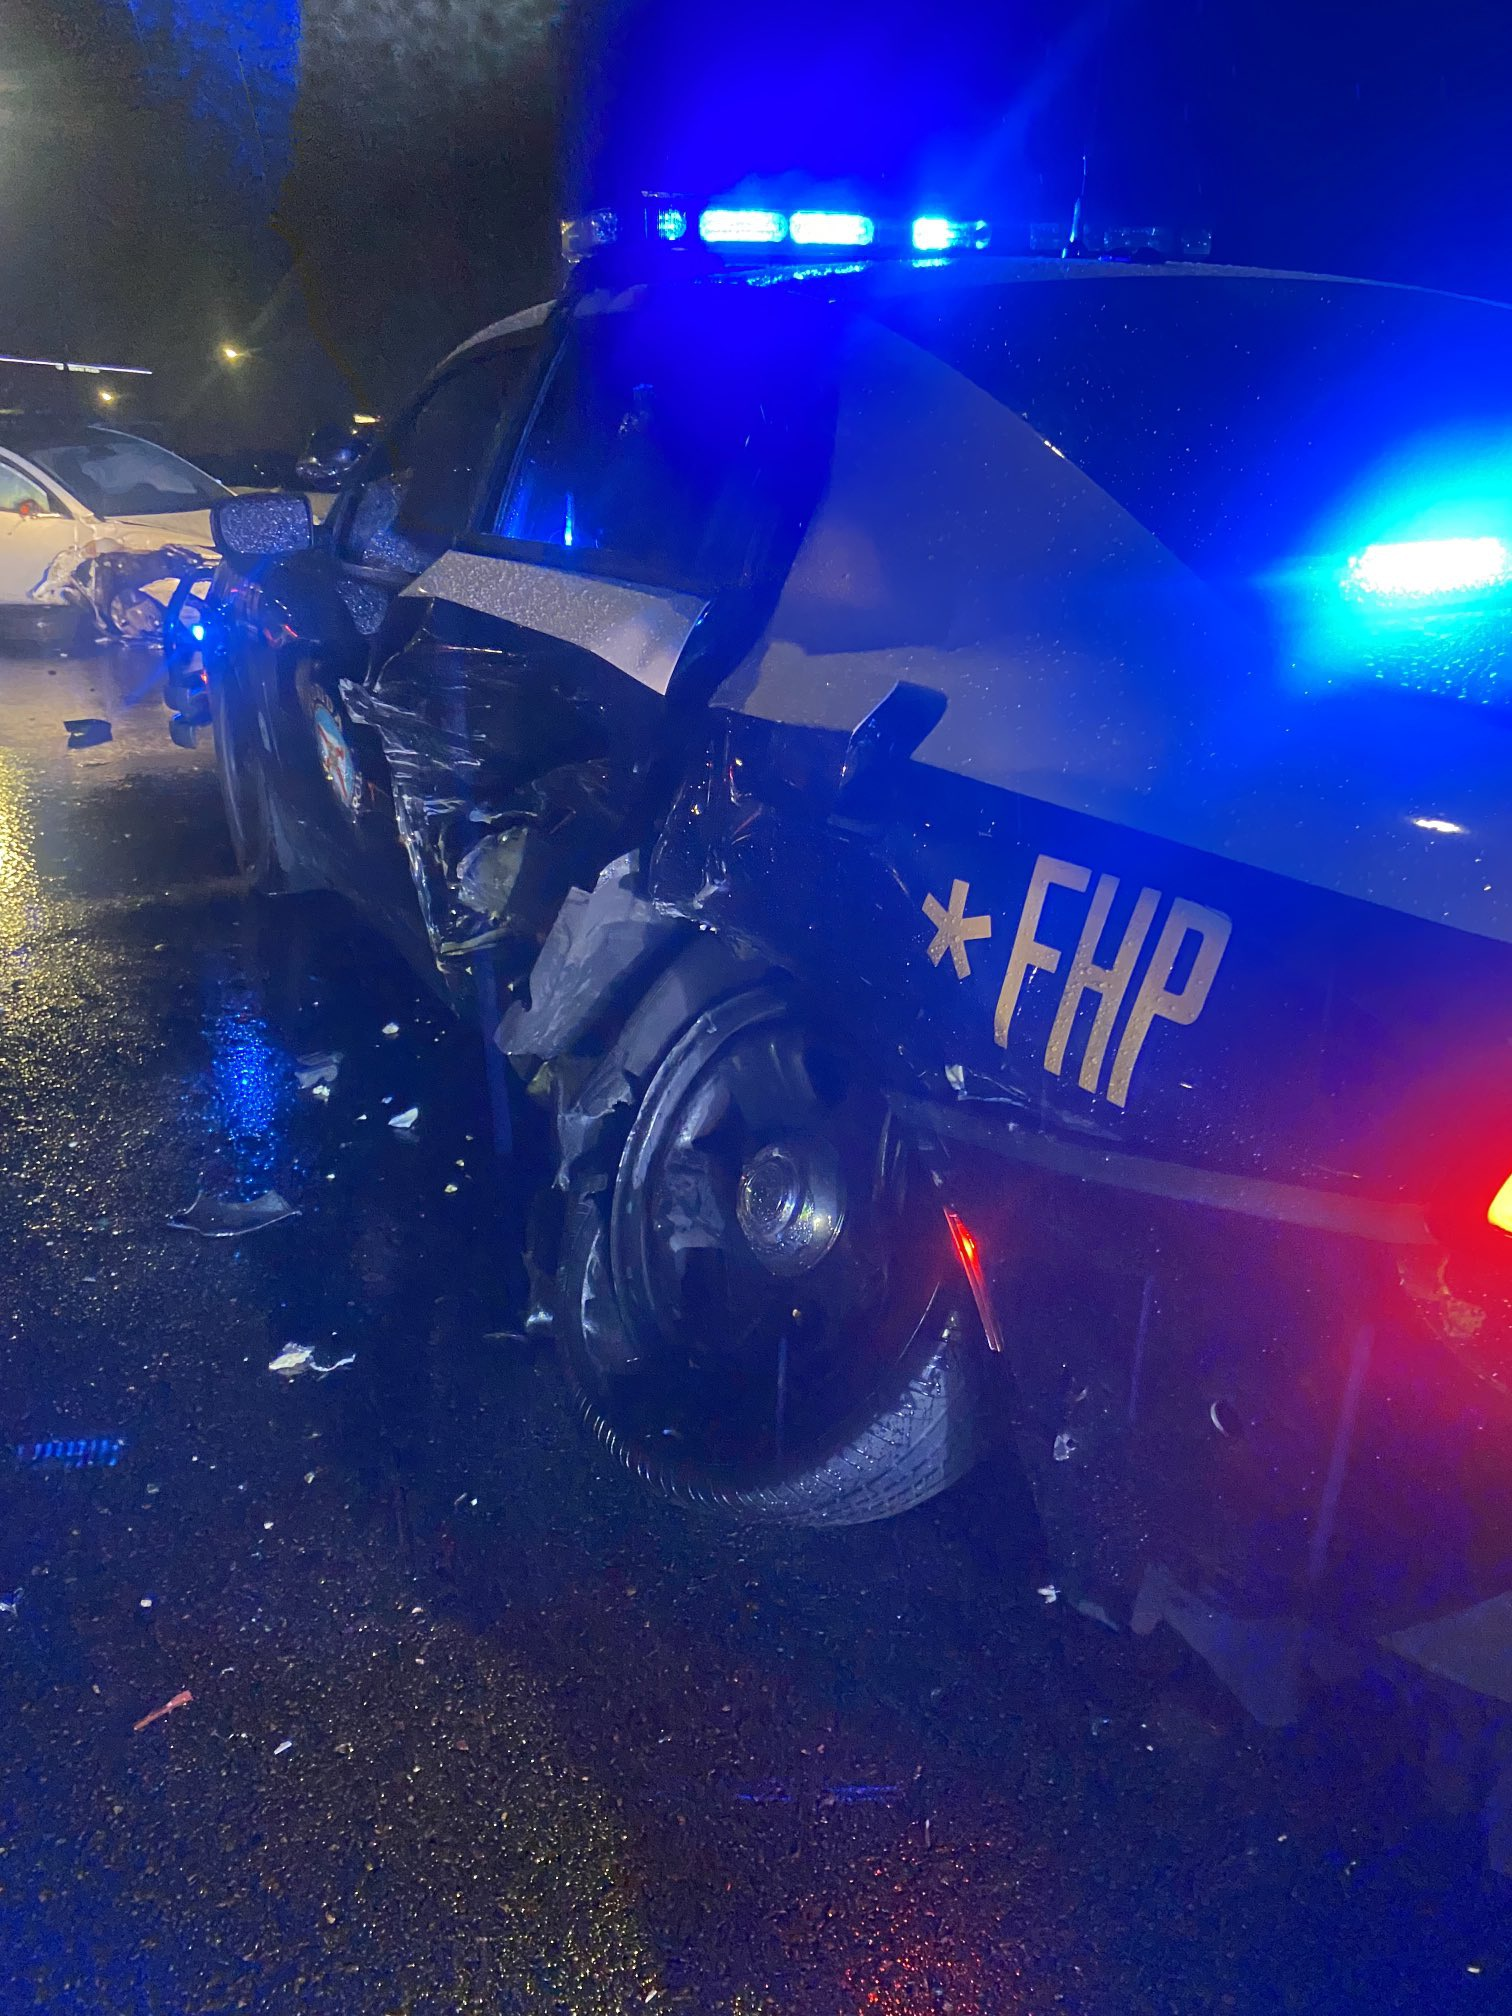 Vừa bật tính năng Autopilot, xe Tesla đã đâm gục xe cảnh sát - 3